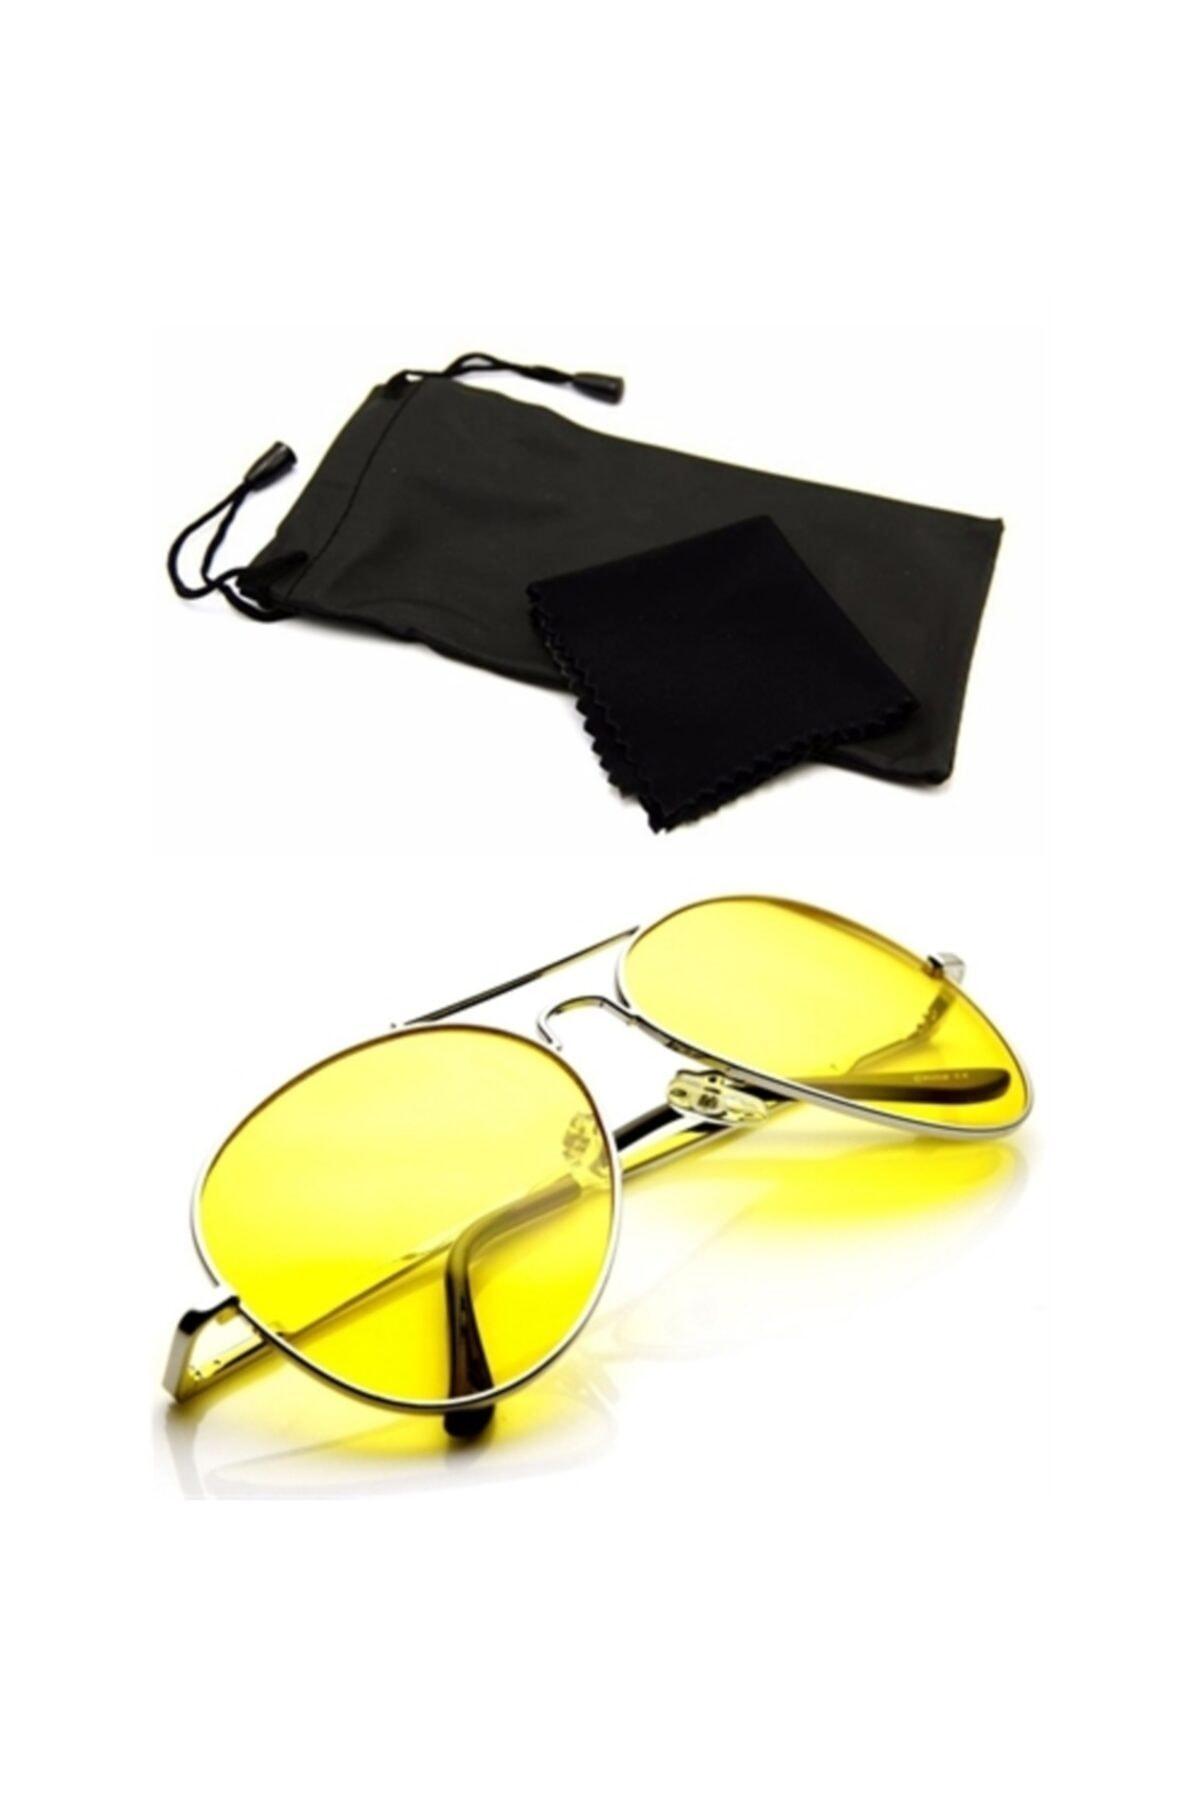 ModaCar Metal Çerçeveli Gece Sürüş ve Sis Gözlüğü 422550 1